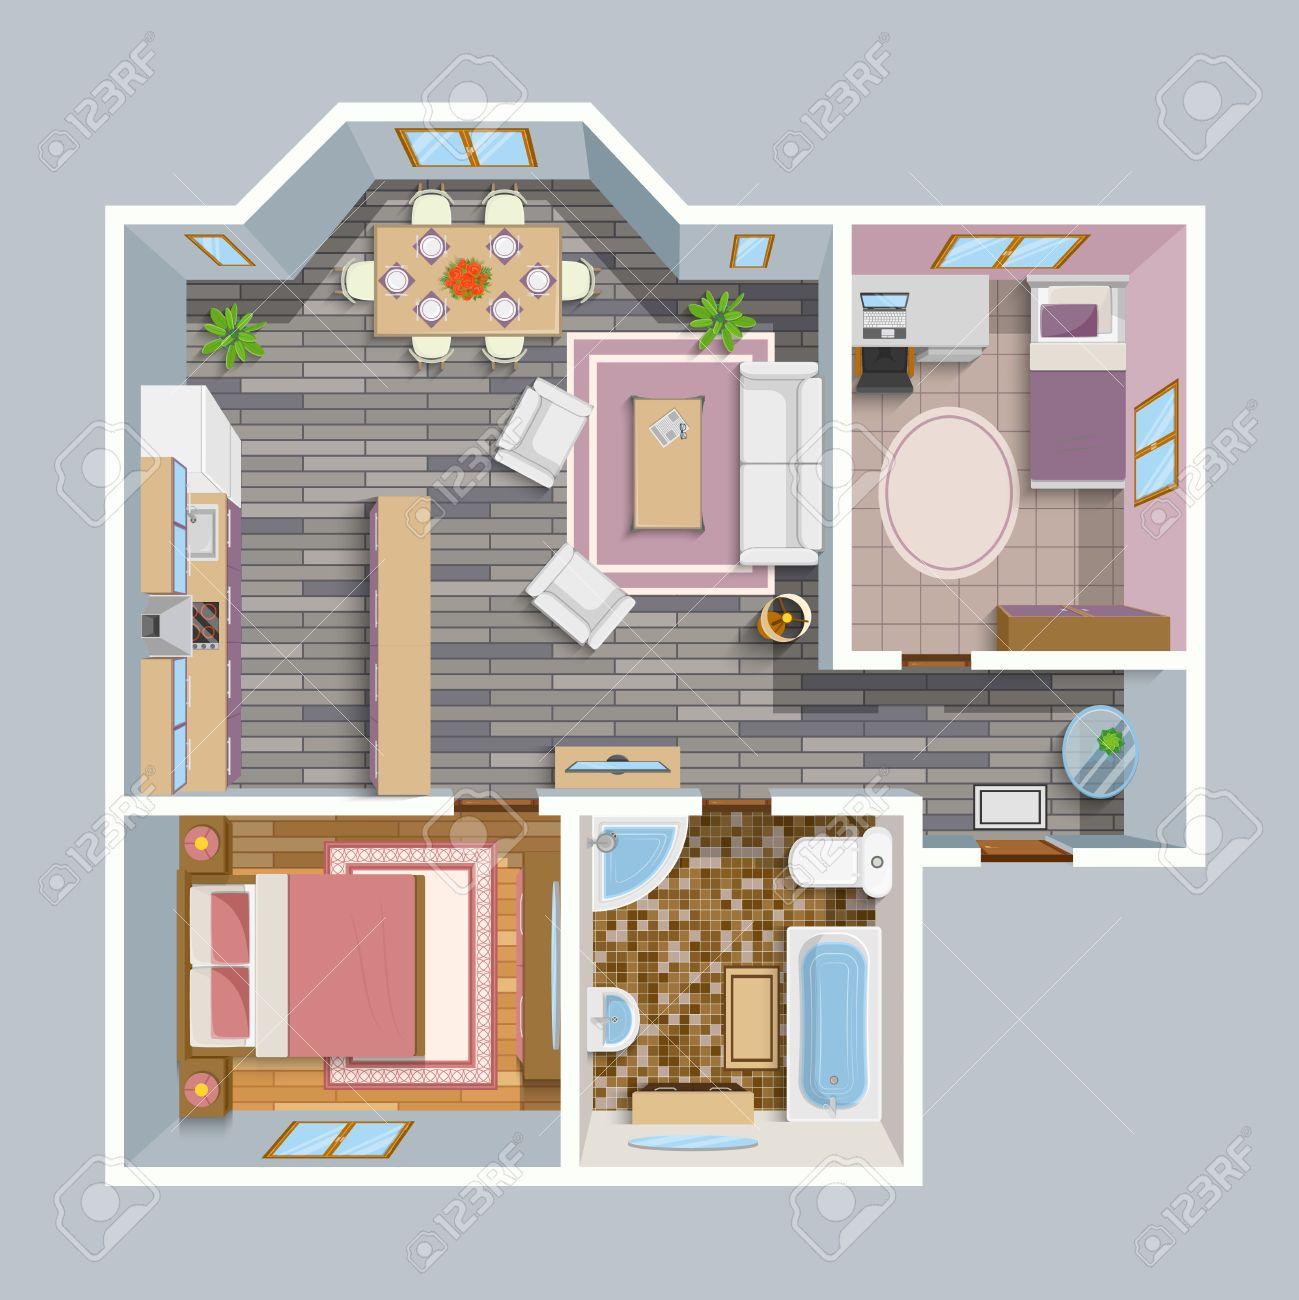 Architektonische Wohnung Plan Draufsicht Mit Wohnzimmer Bad Küche ...